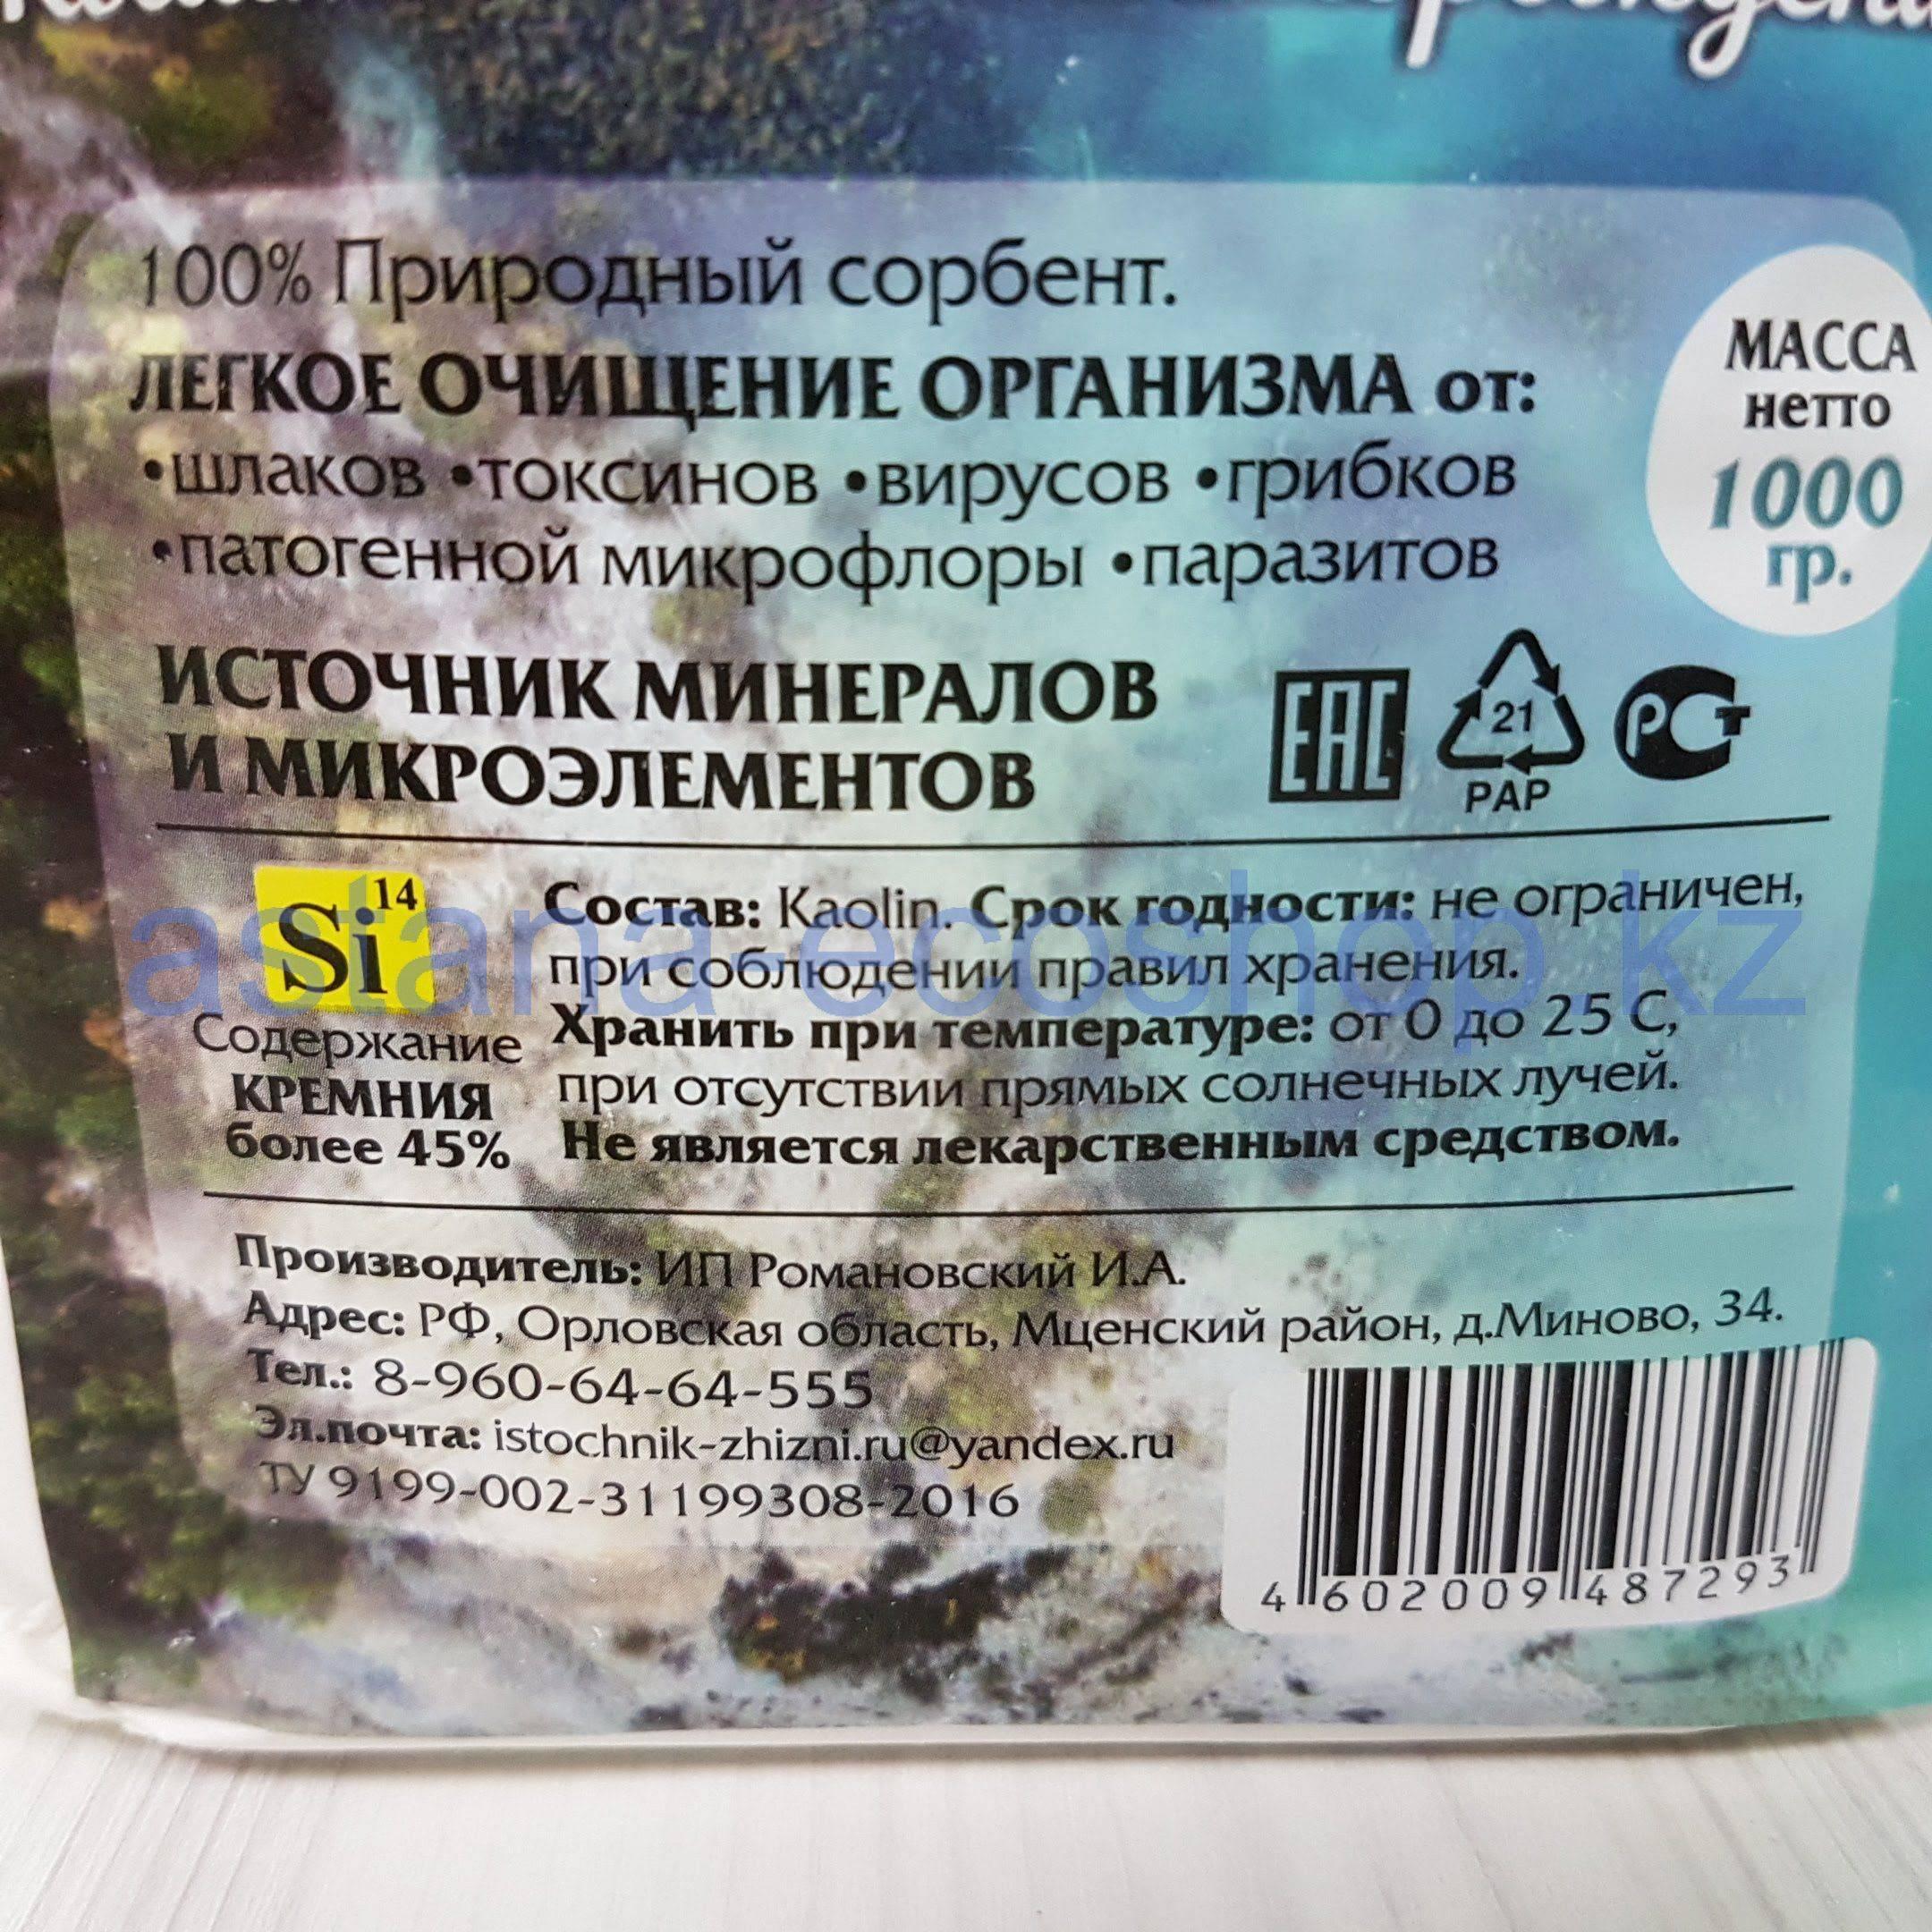 Абсорбенты для очищения организма: показания и правила употребления